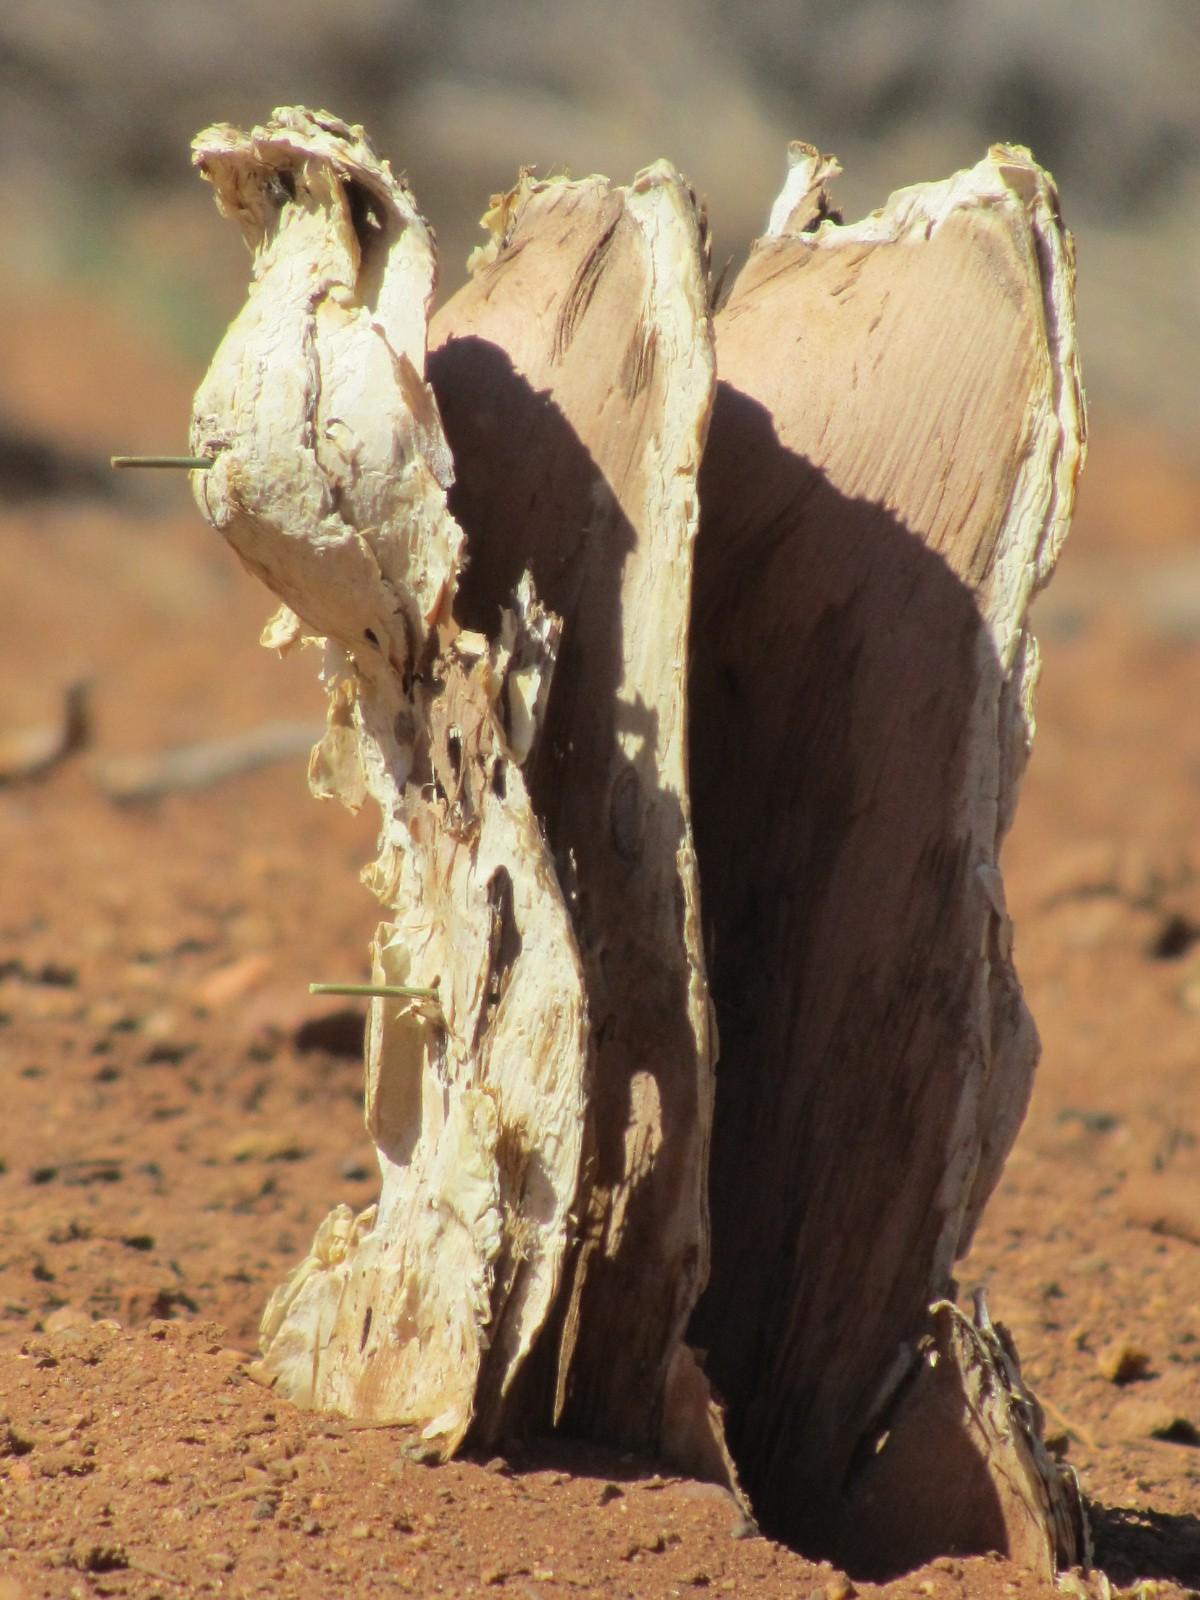 3deep - 2011 - bark; thorns